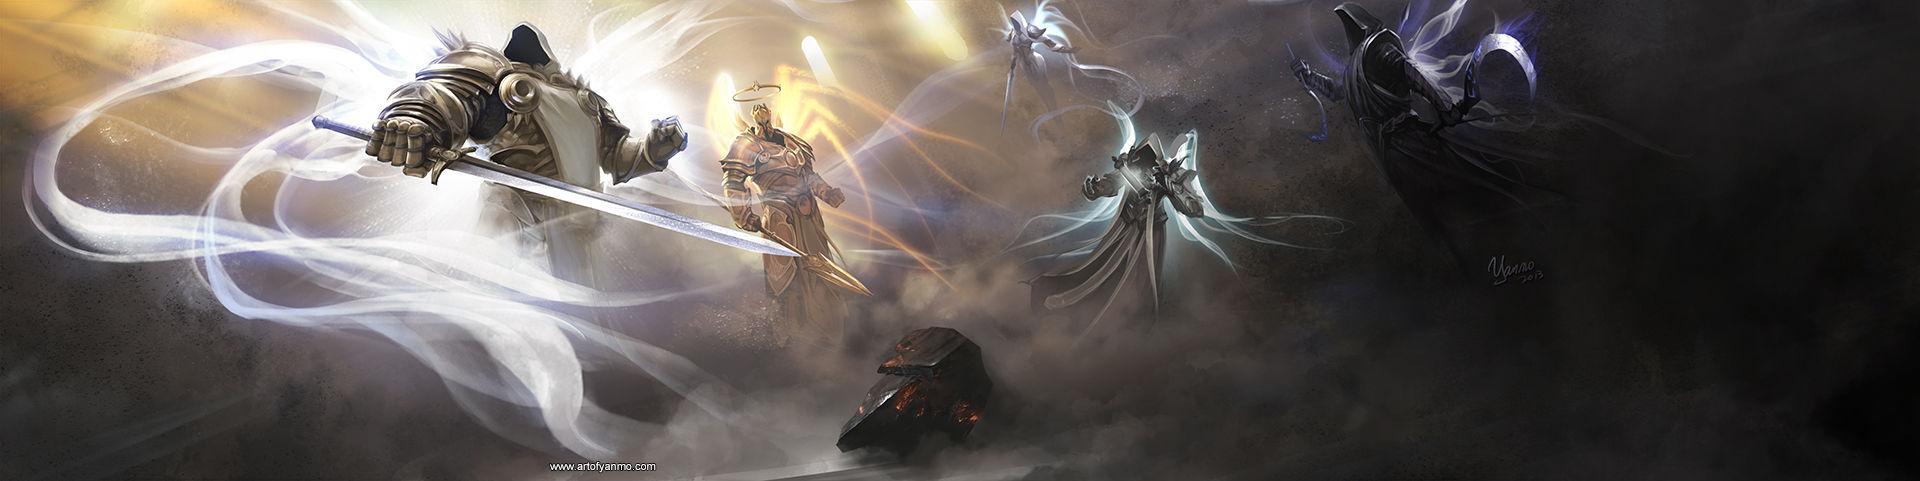 ¿ Como fue el resultado del consejo de Angiris , para destruir a la humanidad?